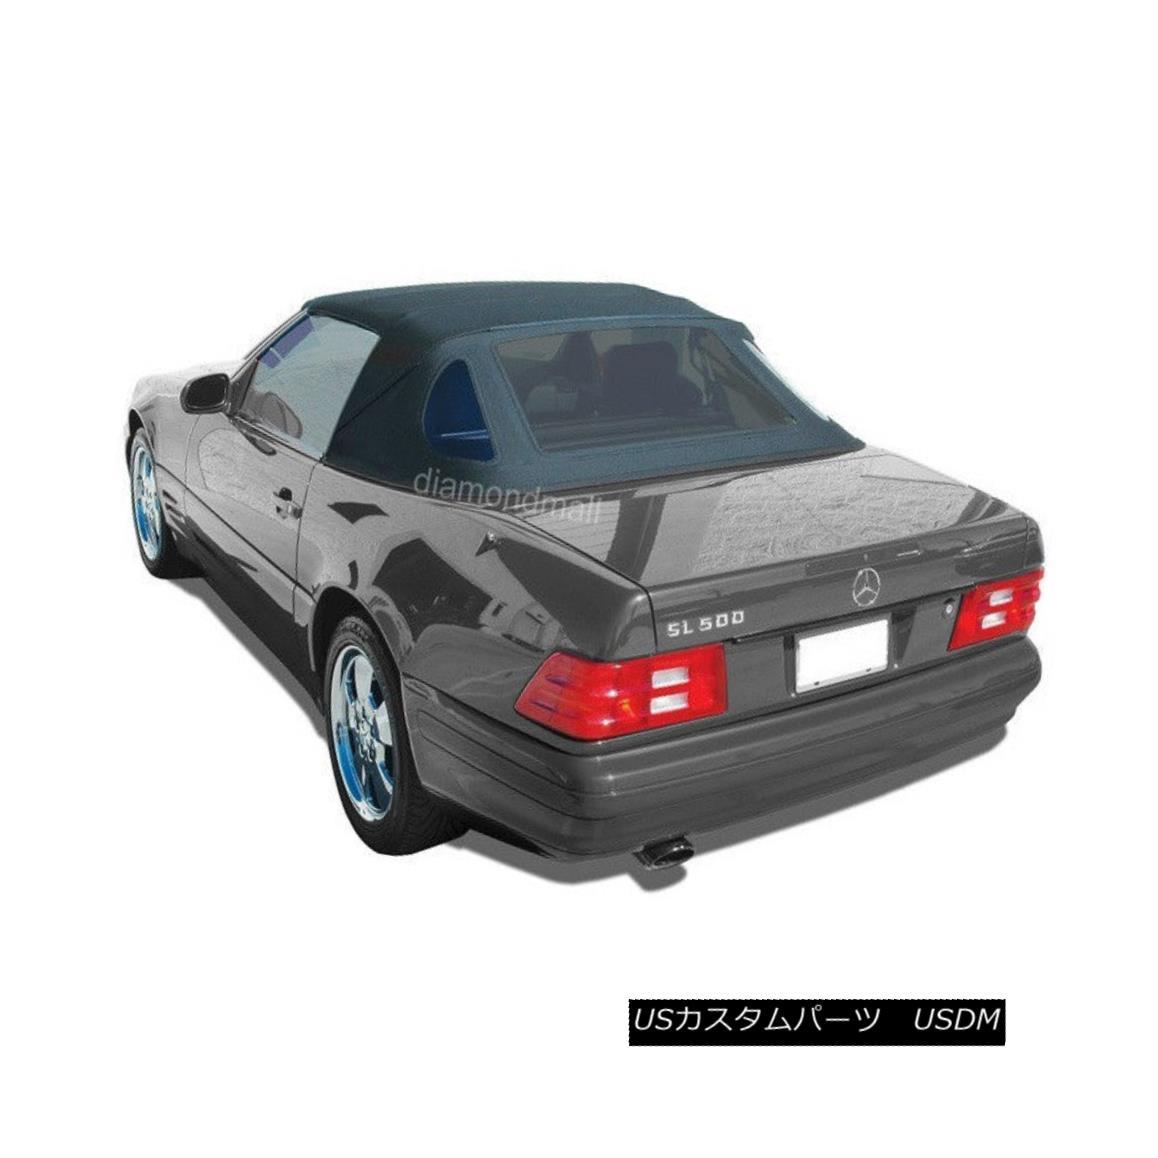 幌・ソフトトップ Mercedes R129 SL Convertible Soft Top 1990-2002 Black GERMAN OEM Canvas Cloth メルセデスR129 SLコンバーチブルソフトトップ1990-2002ブラックドイツキャンバス生地